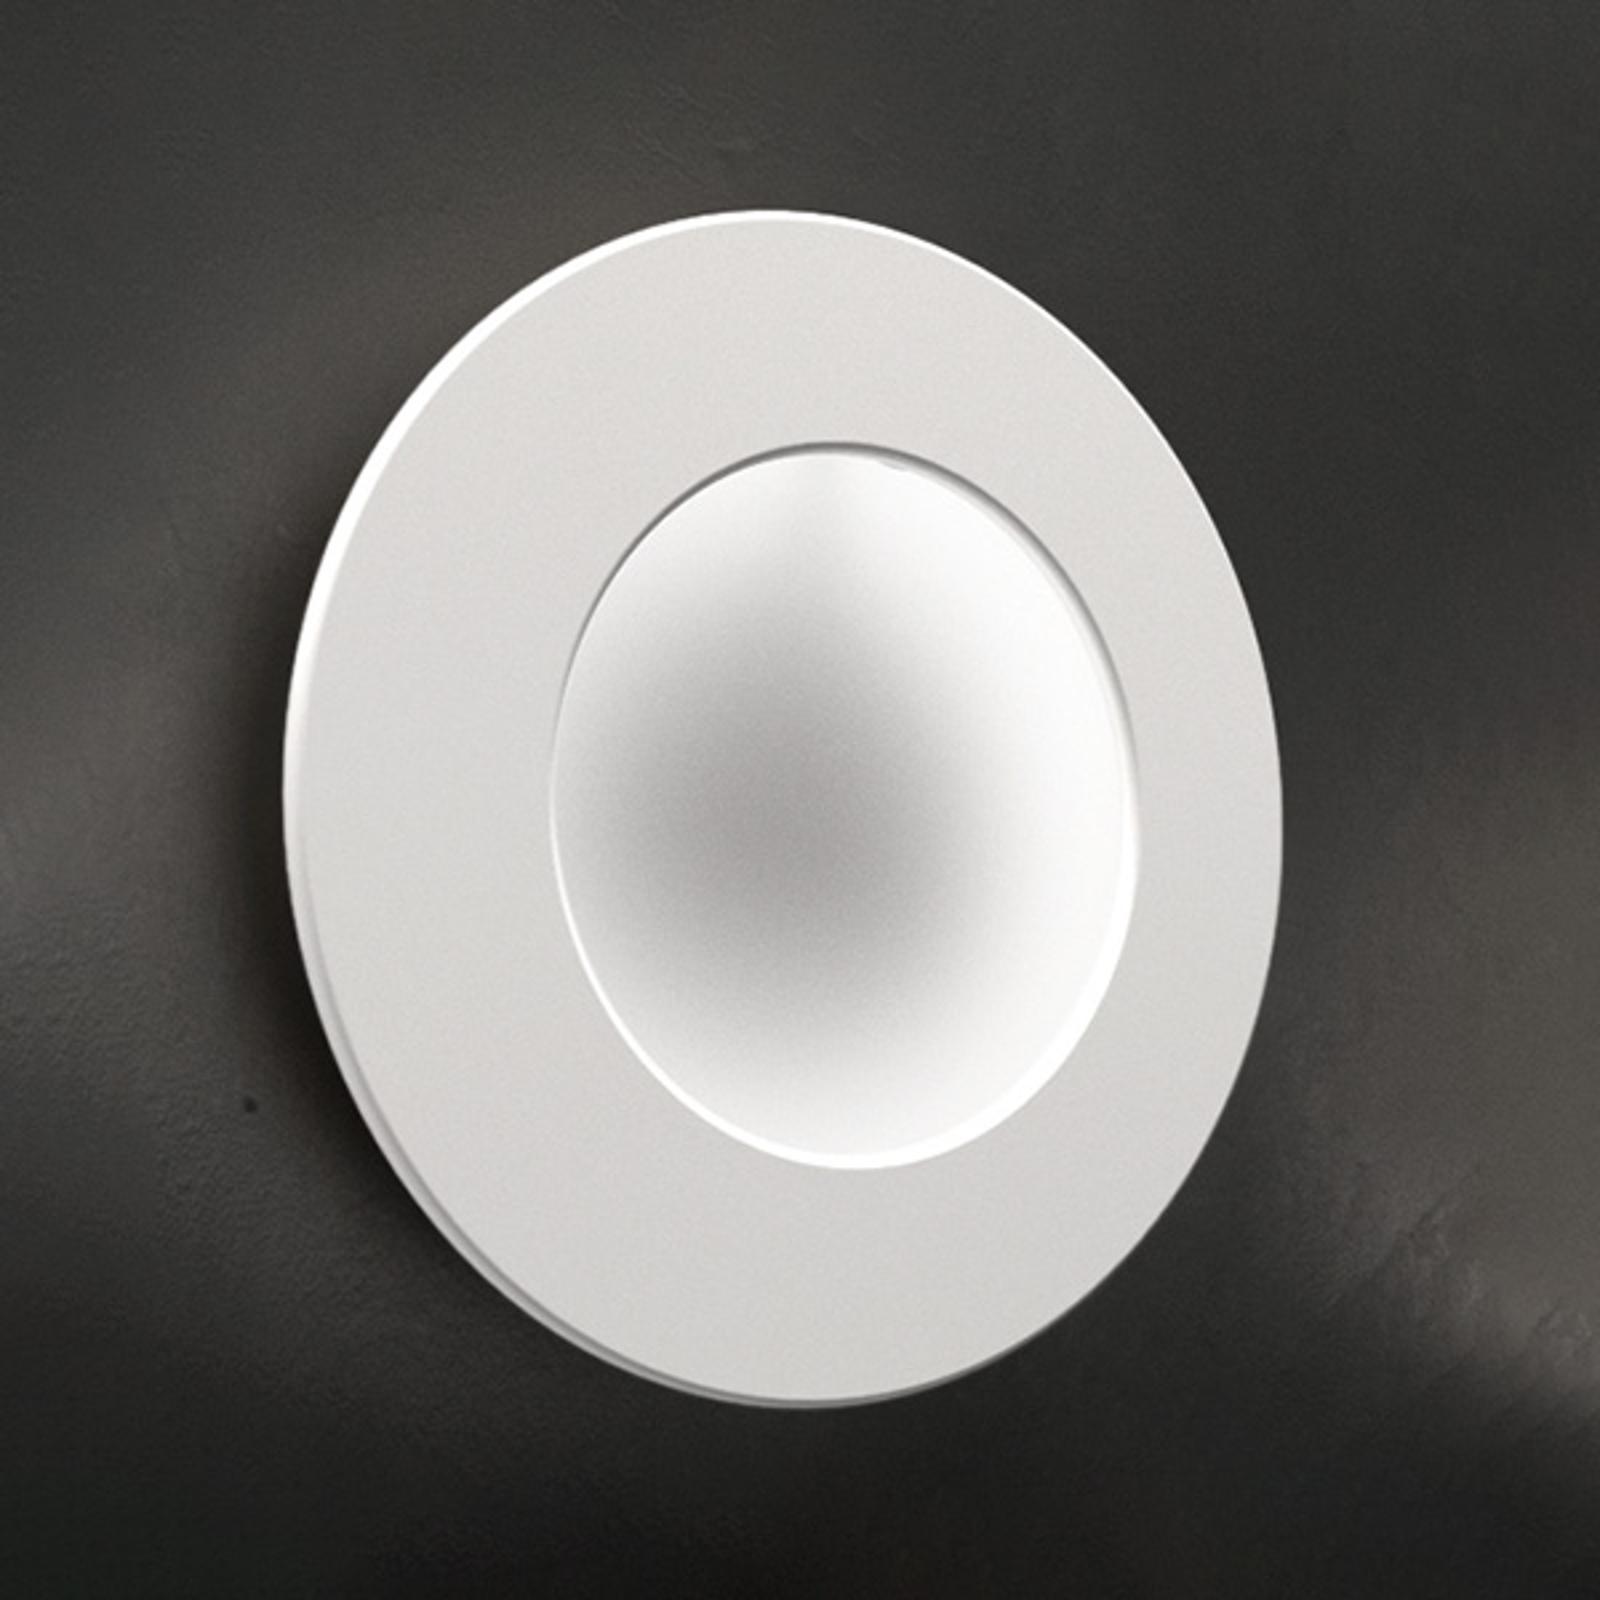 ICONE Vera 26 LED wandlamp, wit/wit